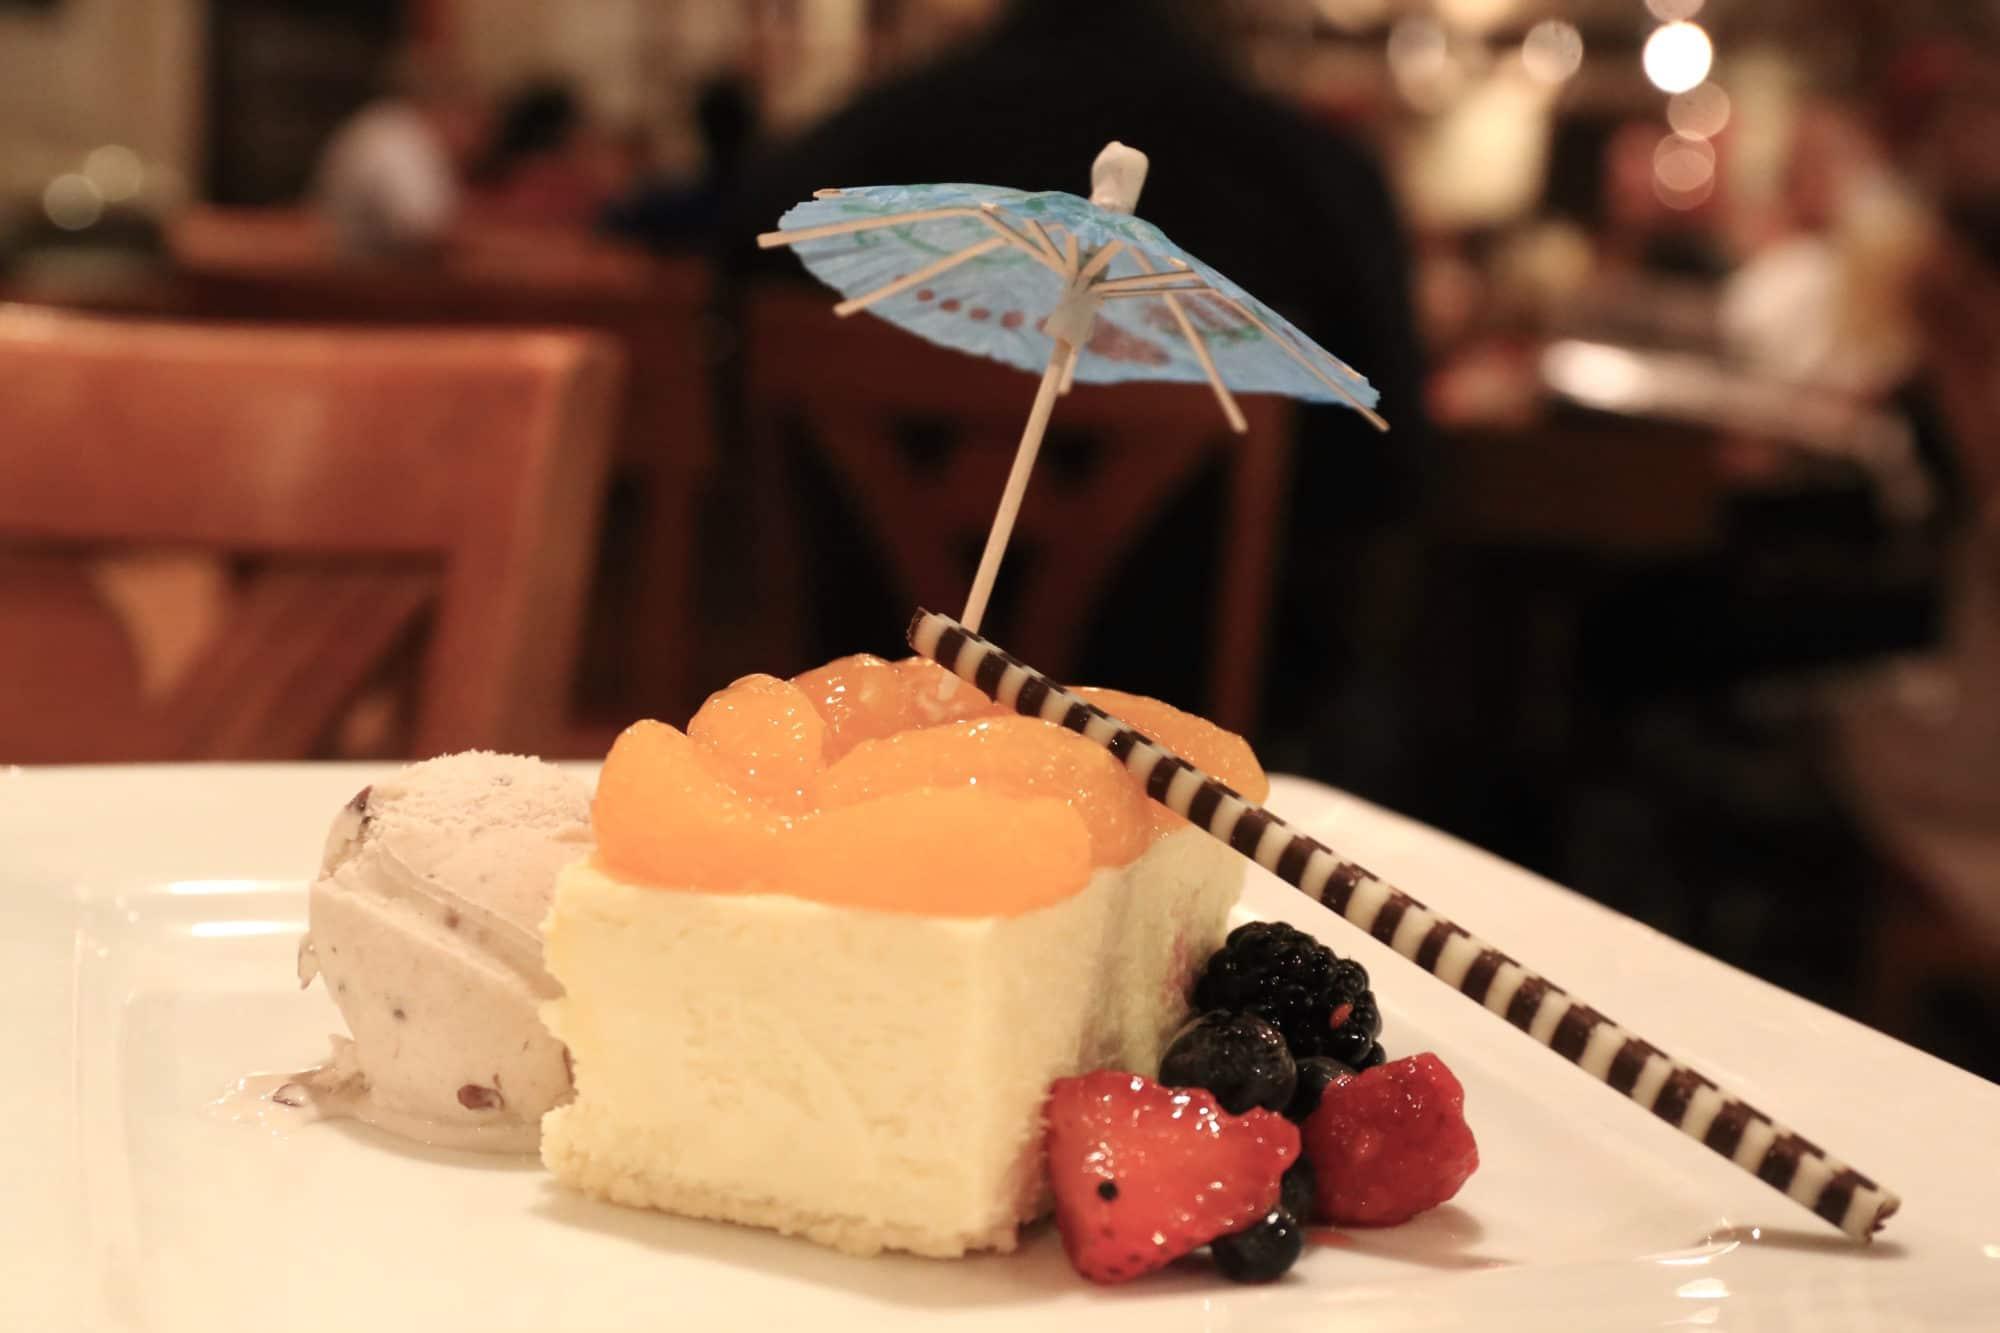 Lemon and Mandarin Cheesecake with Red Bean Icecream at Benihana